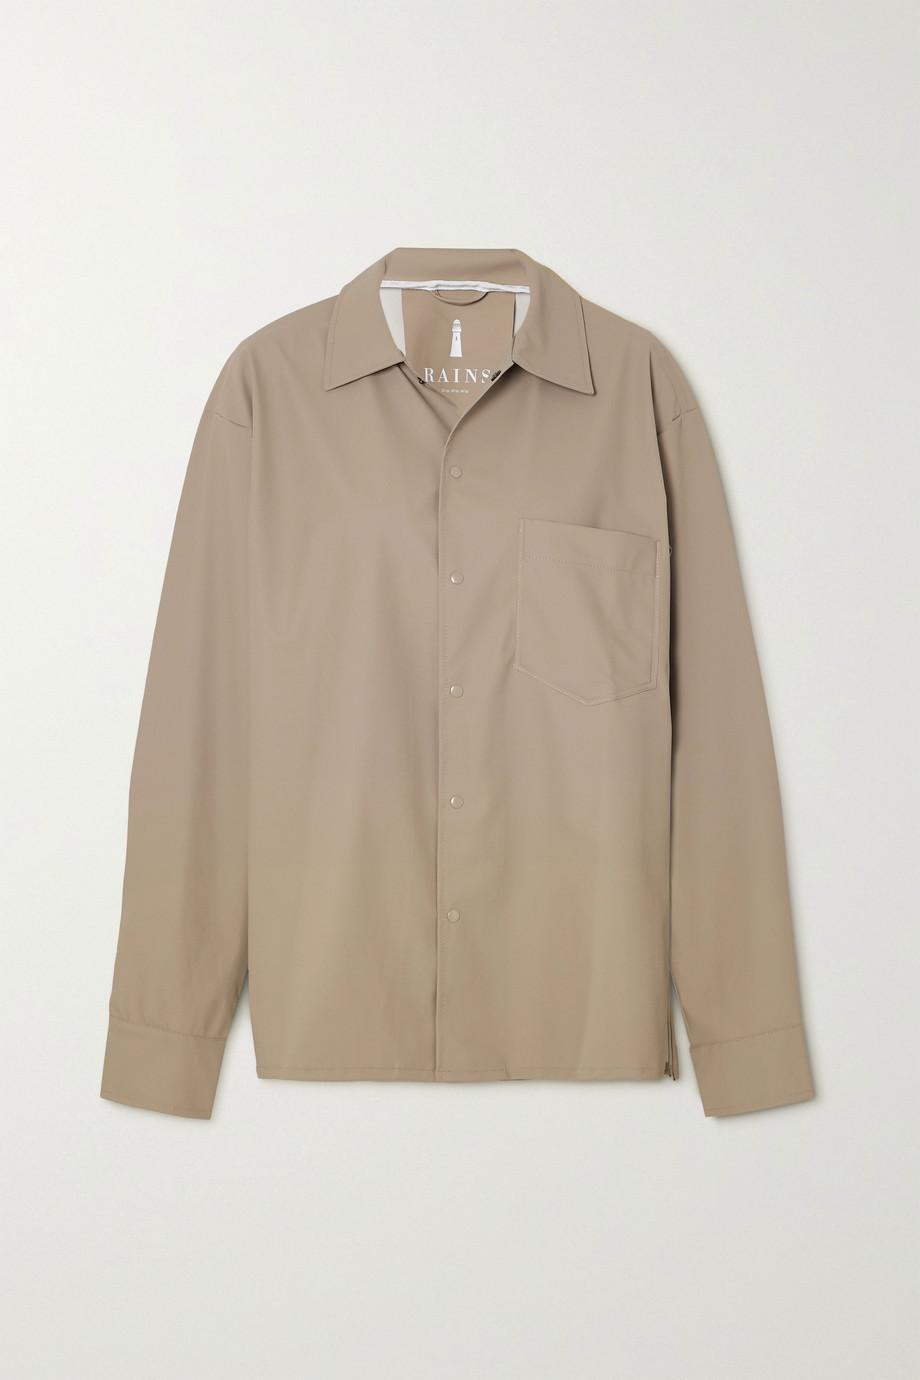 Rains Shell shirt